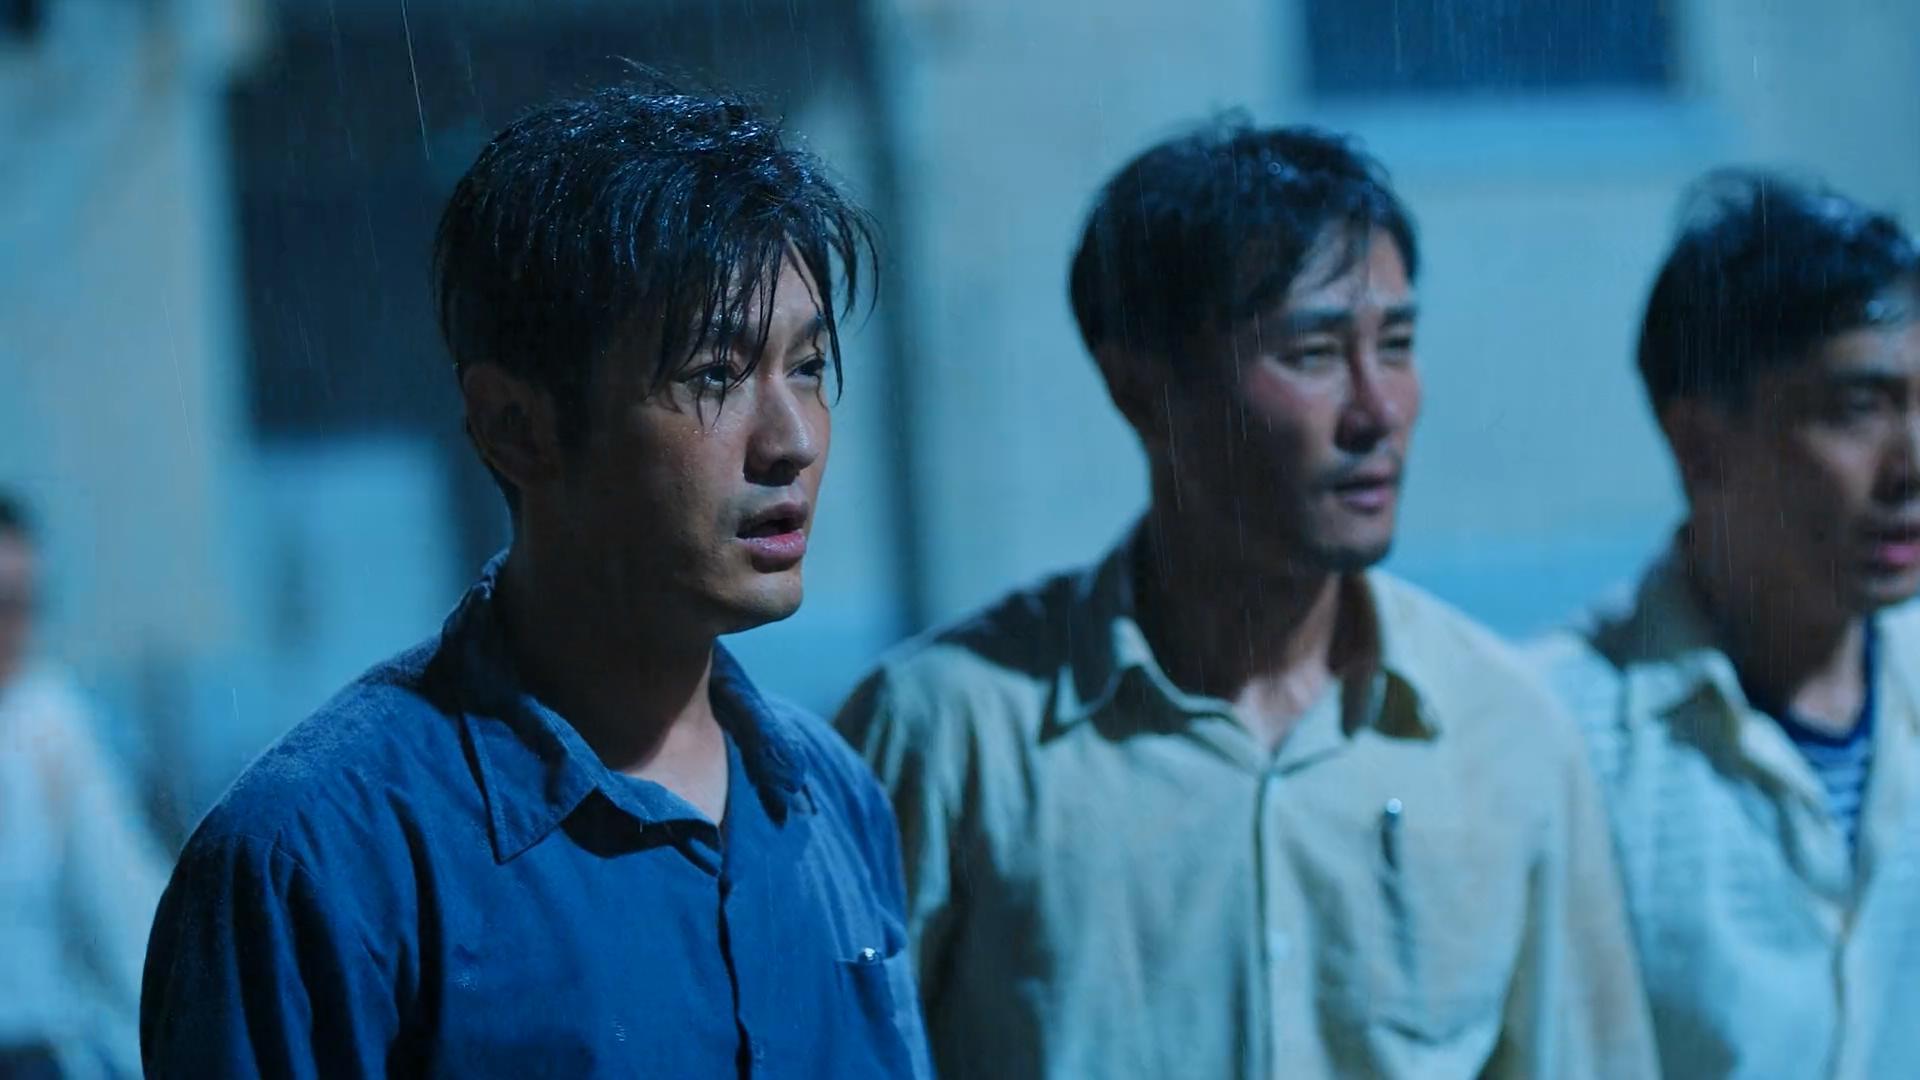 看完《功勋》里的黄晓明,对他的表演有了新的认识